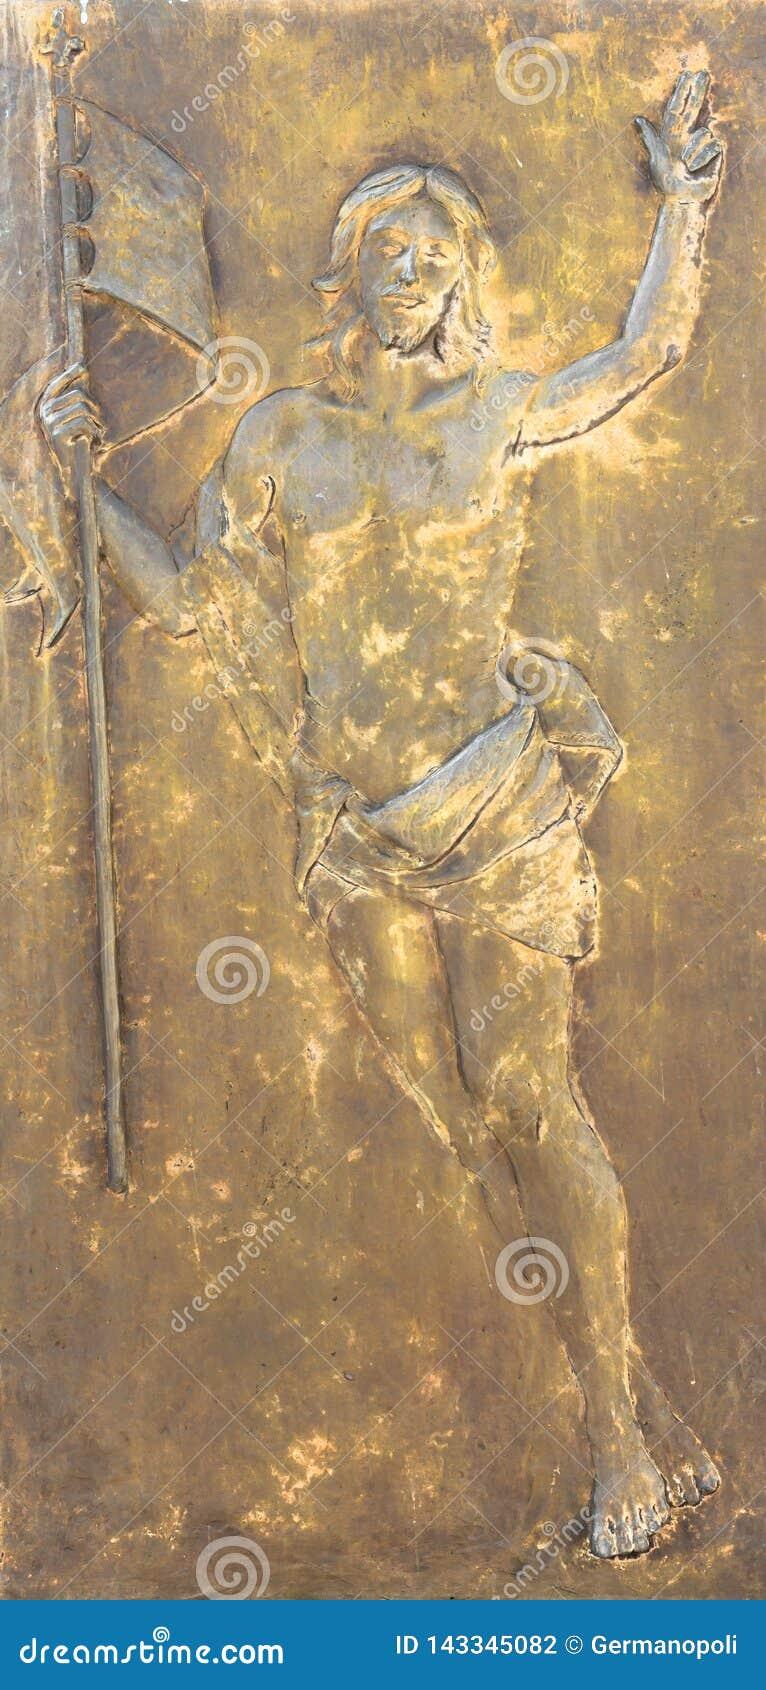 Figura de Jesus Christ en el bajorrelieve de bronce